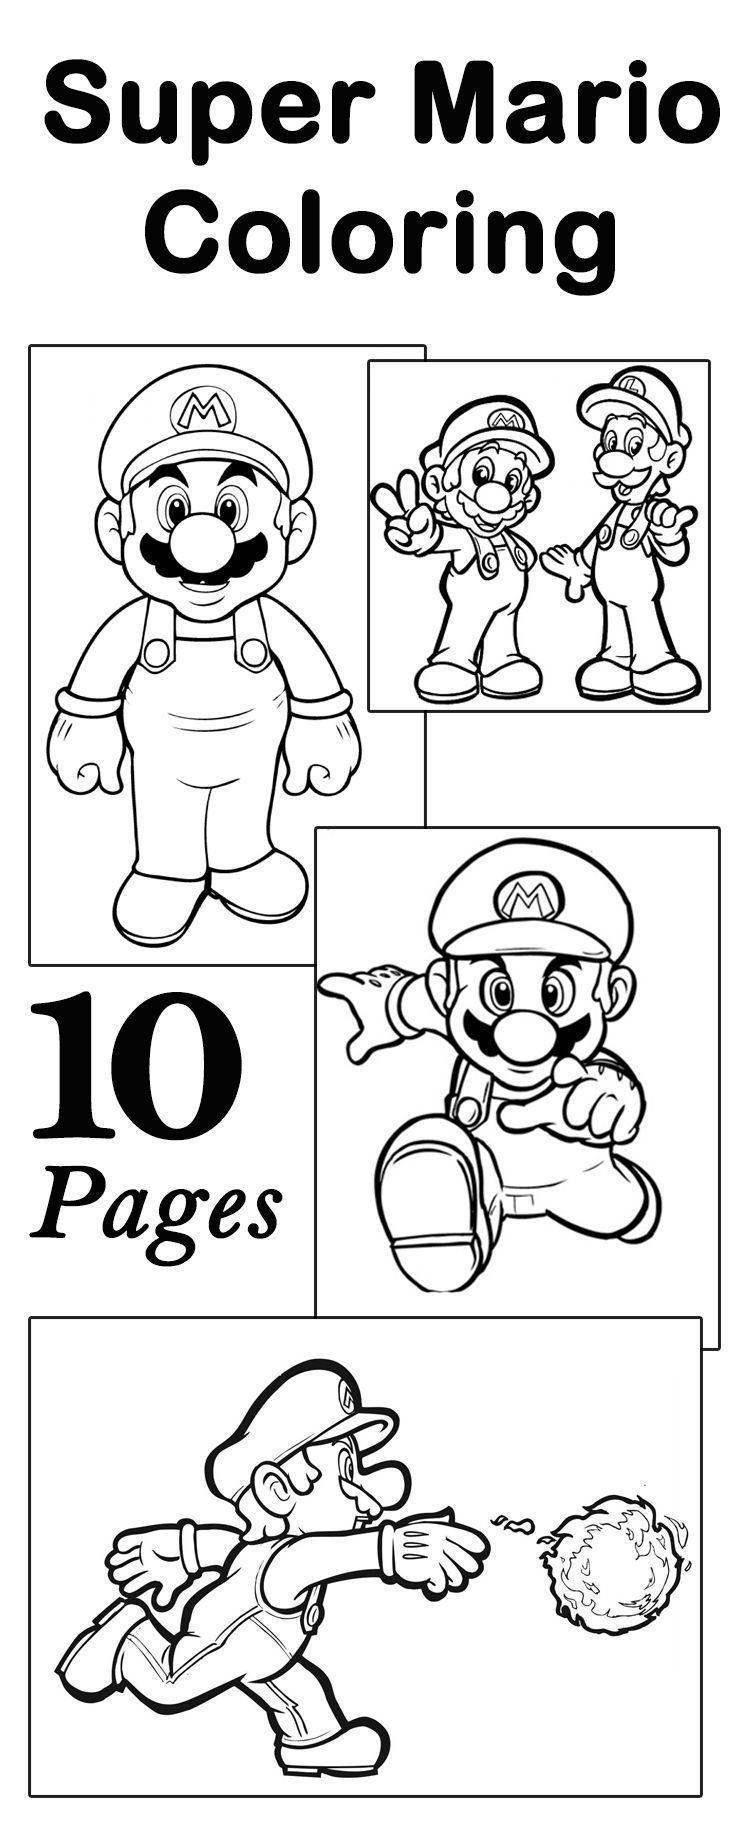 Top 20 Kostenlos Druckbare Super Mario Malvorlagen Online Super Mario Coloring Pages Mario Coloring Pages Super Mario [ 1829 x 736 Pixel ]